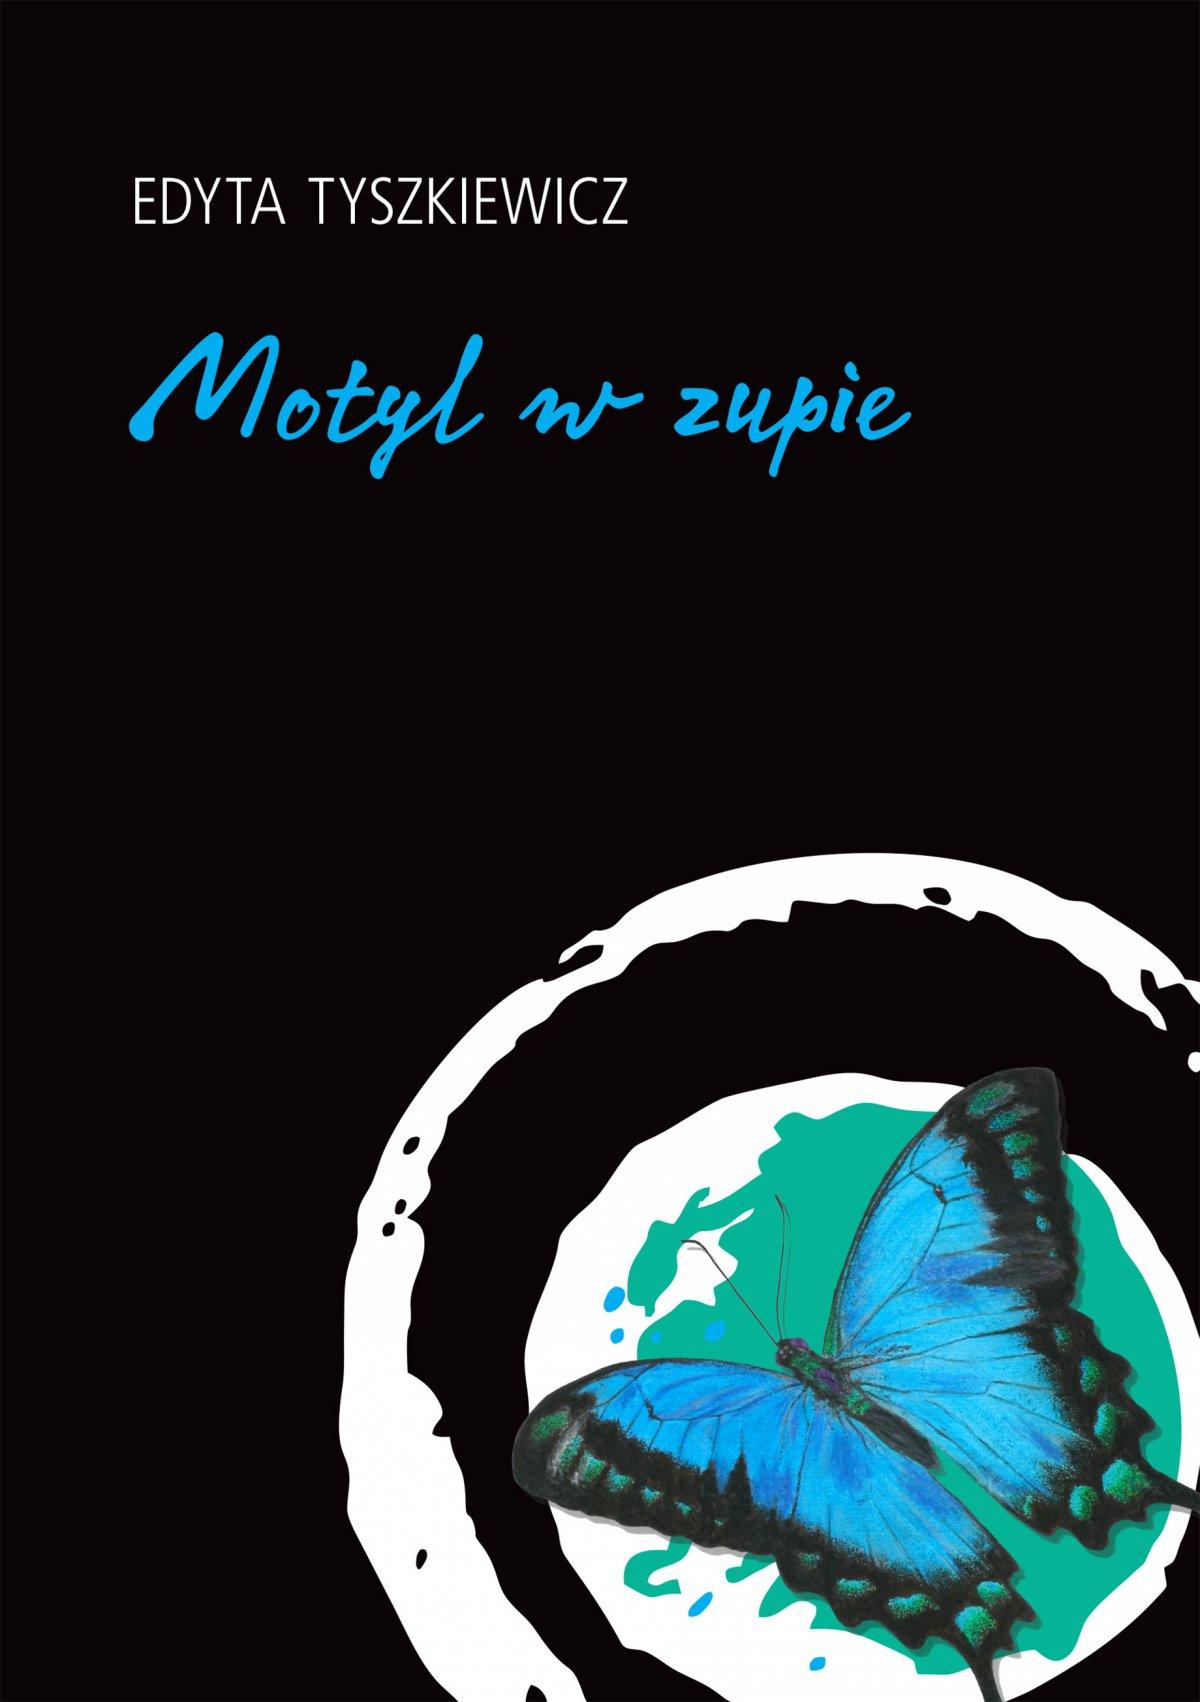 Motyl w zupie - Ebook (Książka EPUB) do pobrania w formacie EPUB